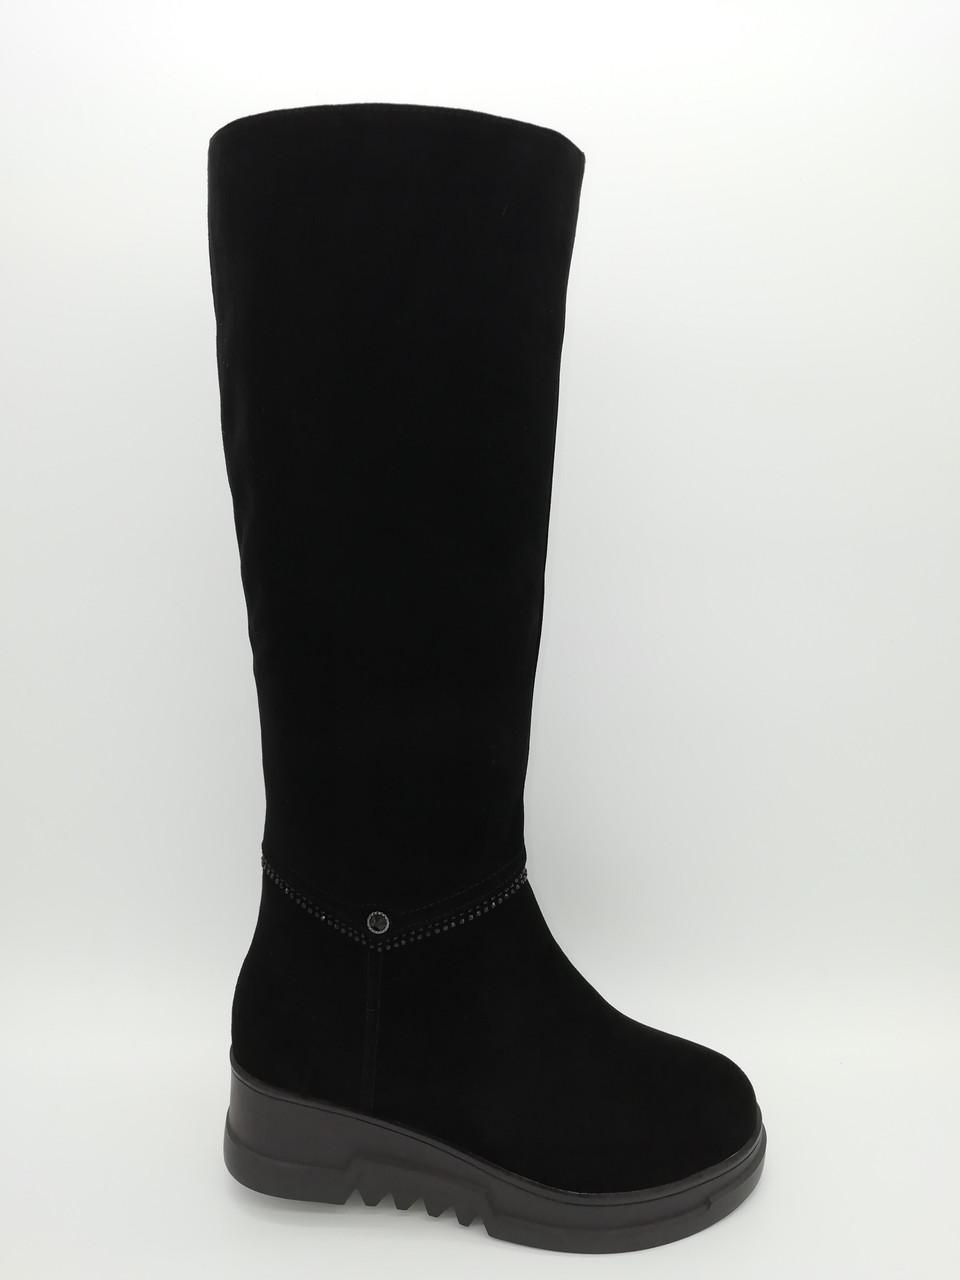 Черные замшевые зимние сапоги на танкетке. Маленькие размеры (33-35).